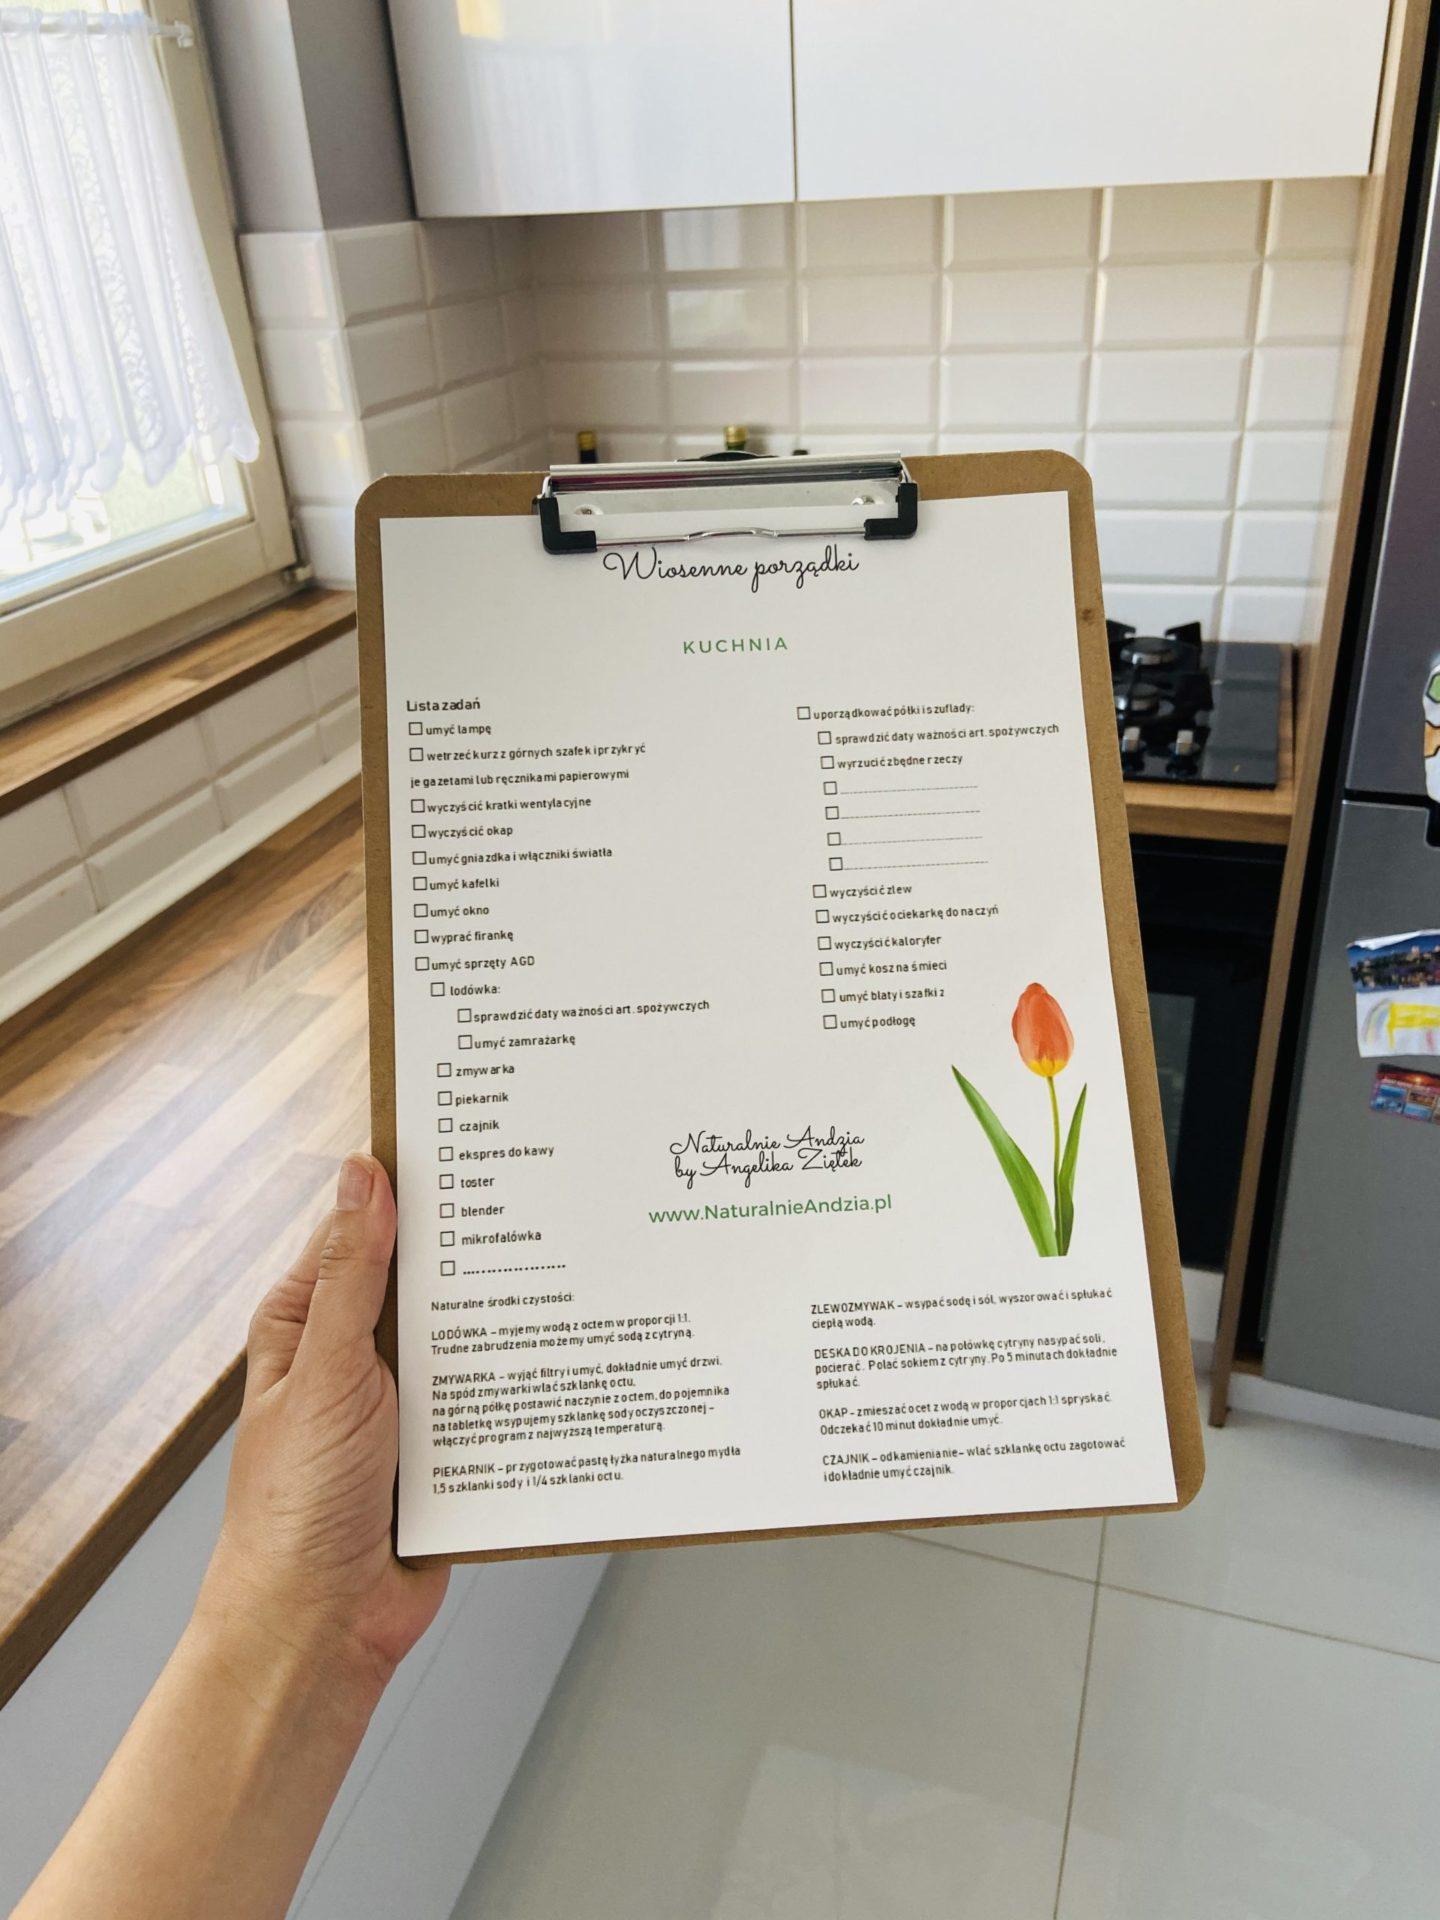 Planery wiosennych porządków z przepisami na naturalne środki czystości do pobrania